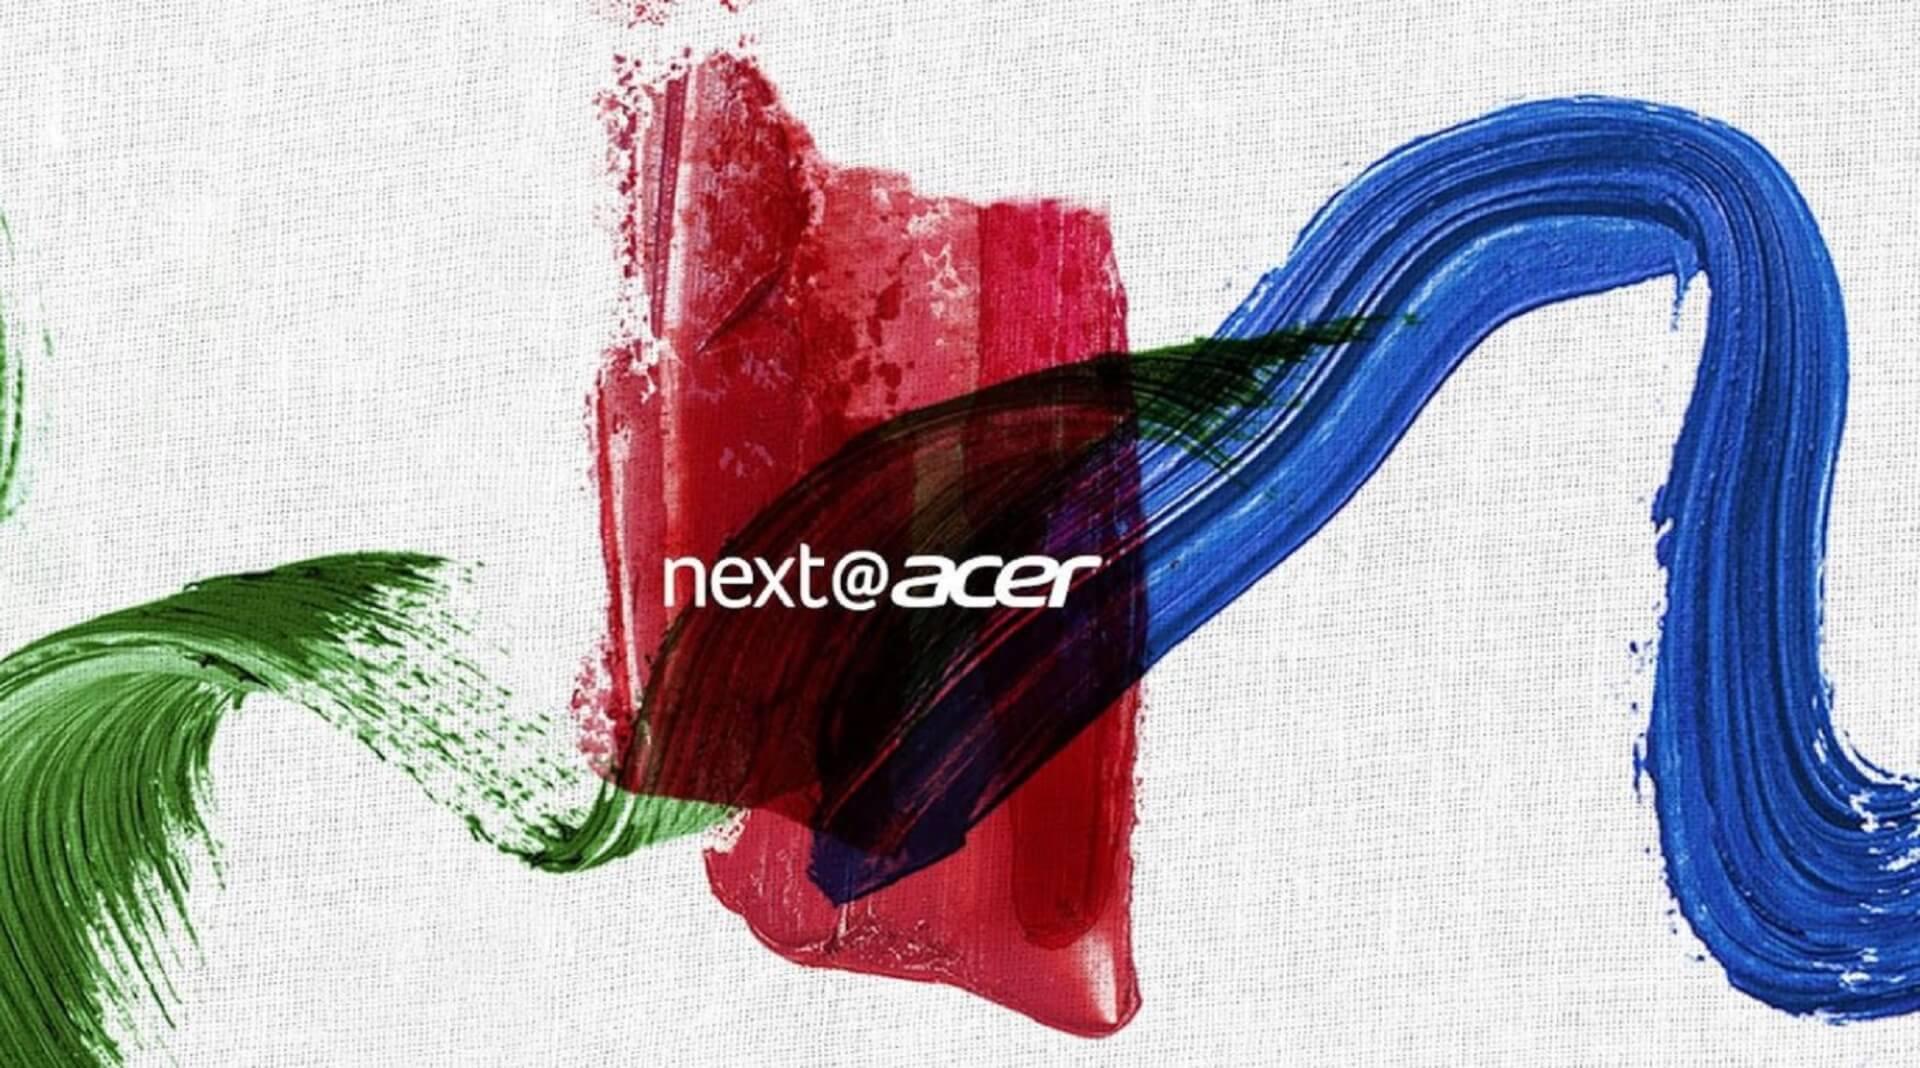 Next@Acer